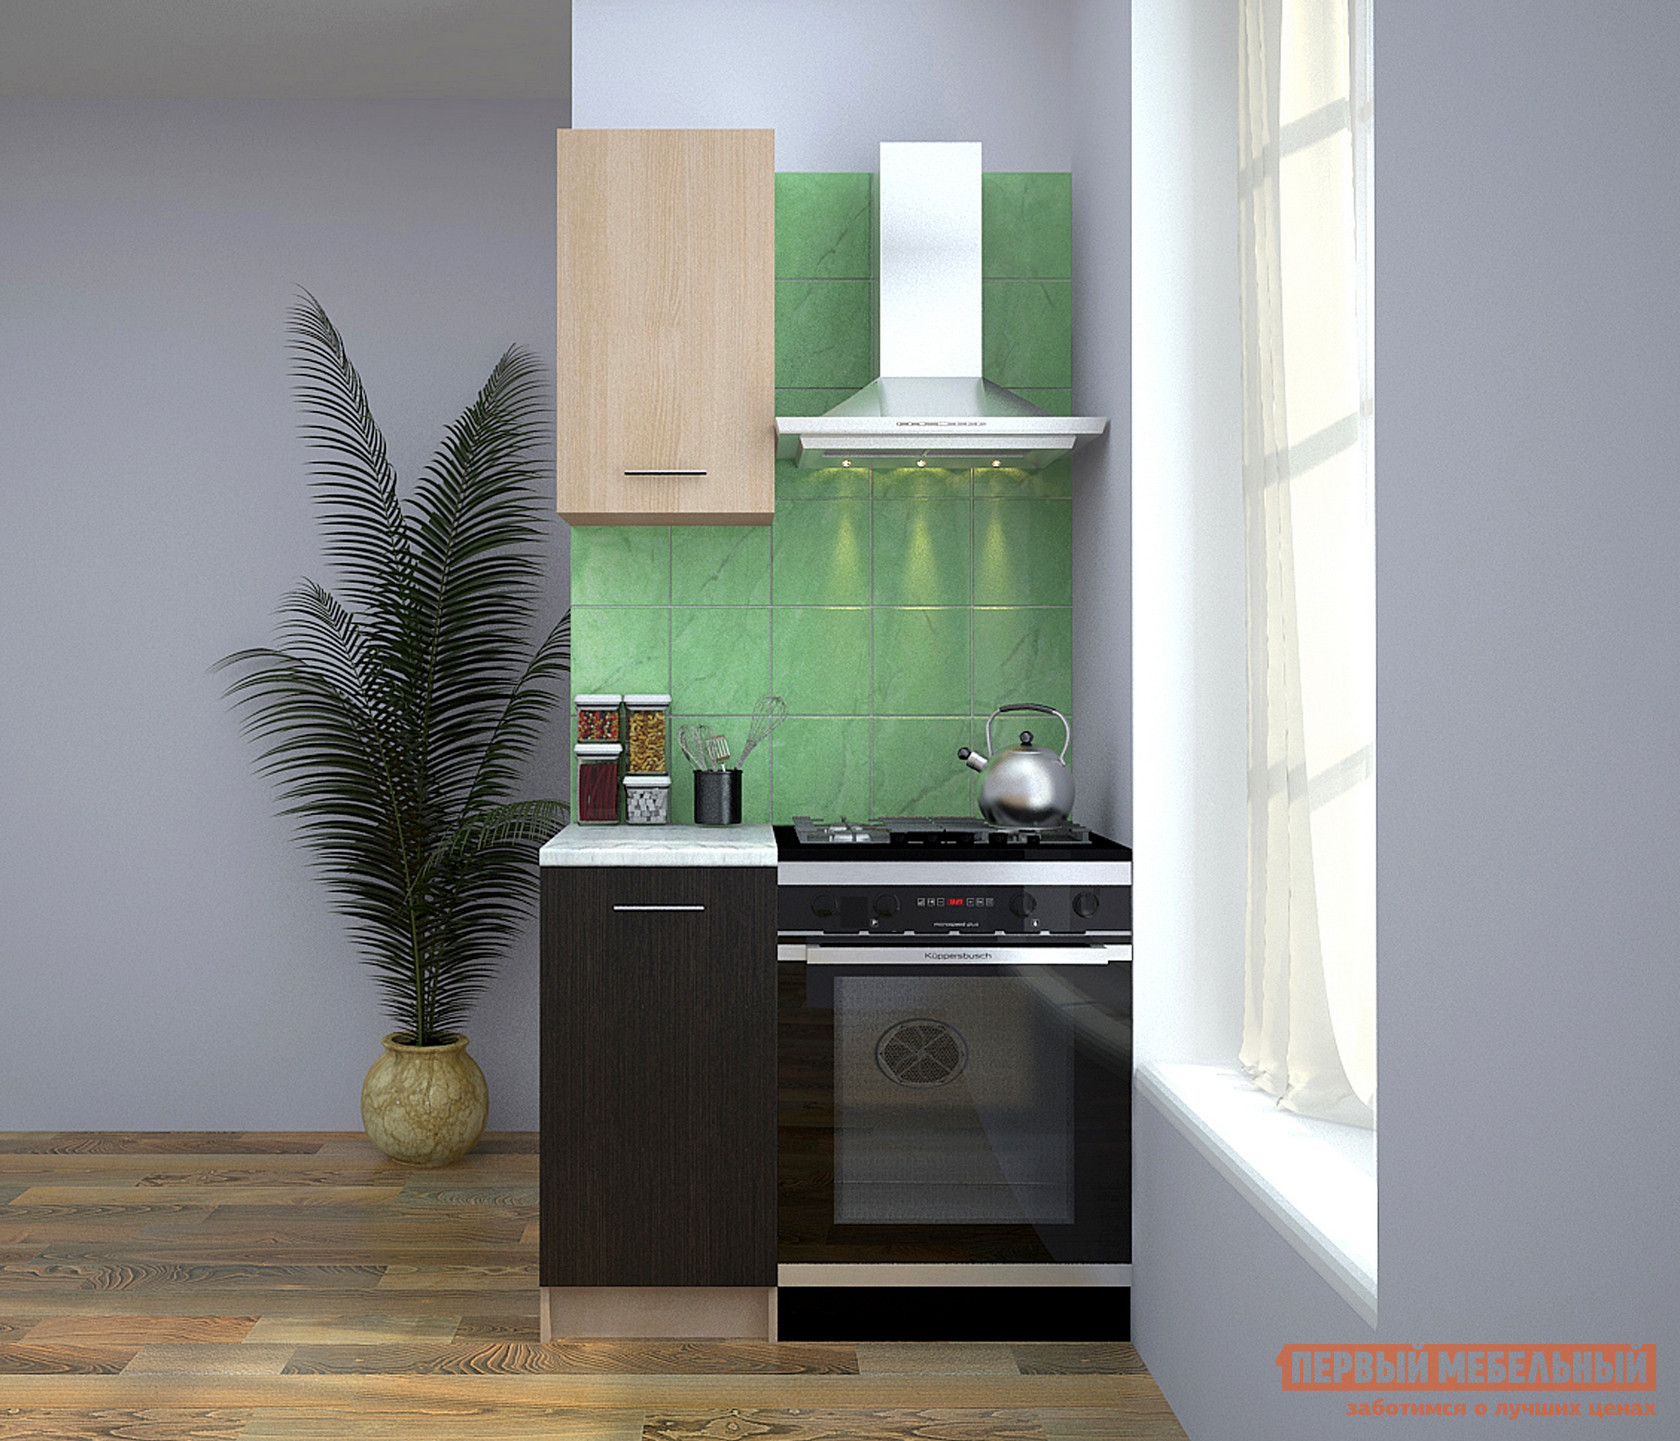 Кухонный гарнитур НК-Мебель Шаста 40 см спальный гарнитур нк мебель марика к1